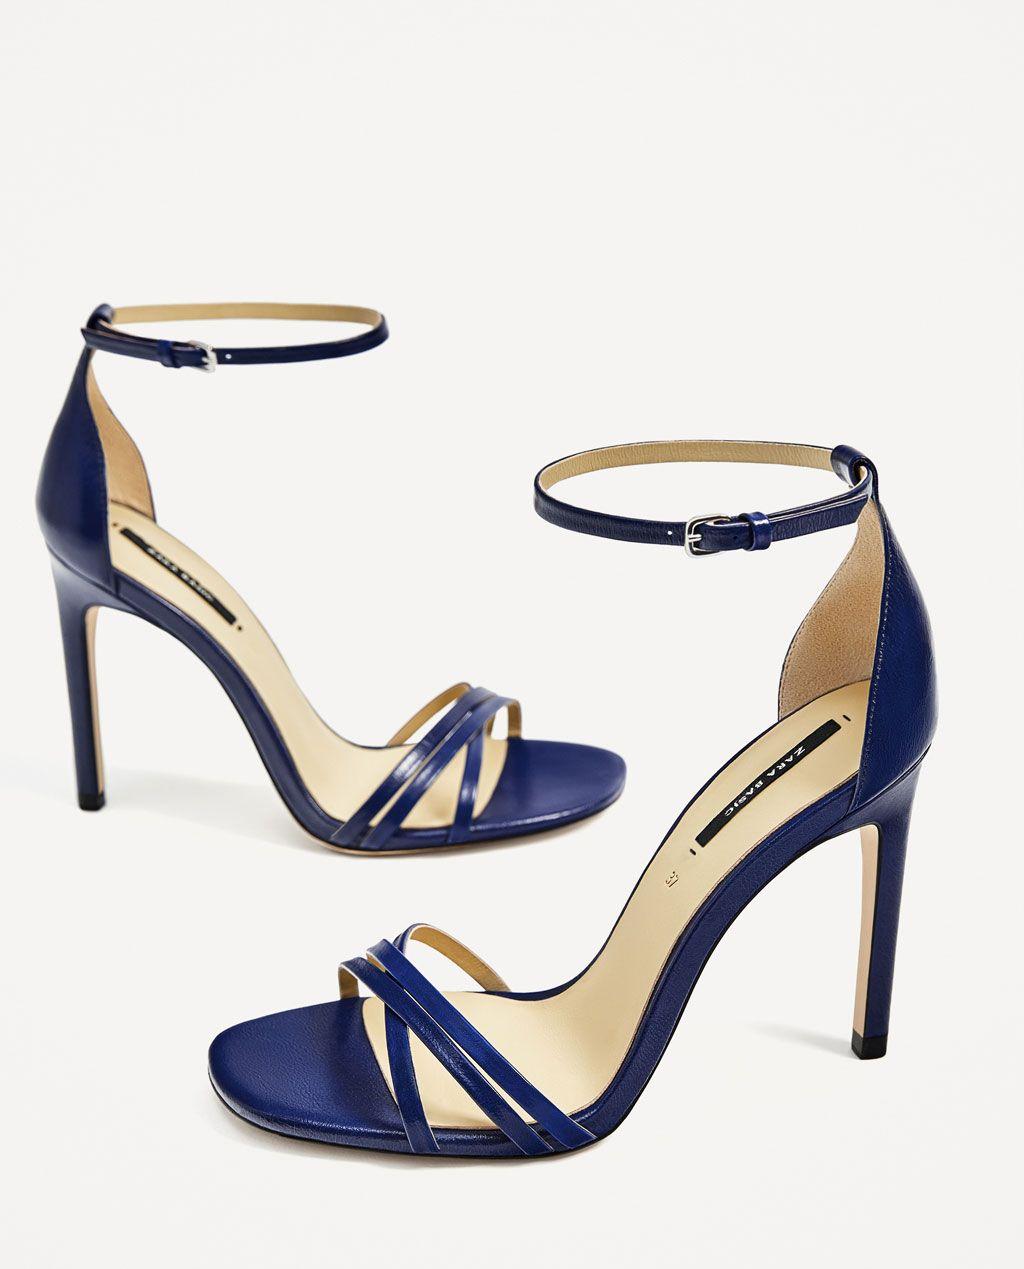 Sandalia Piel Estados Tiras Ver Todo Tacón Zara Mujer Zapatos FRSF4